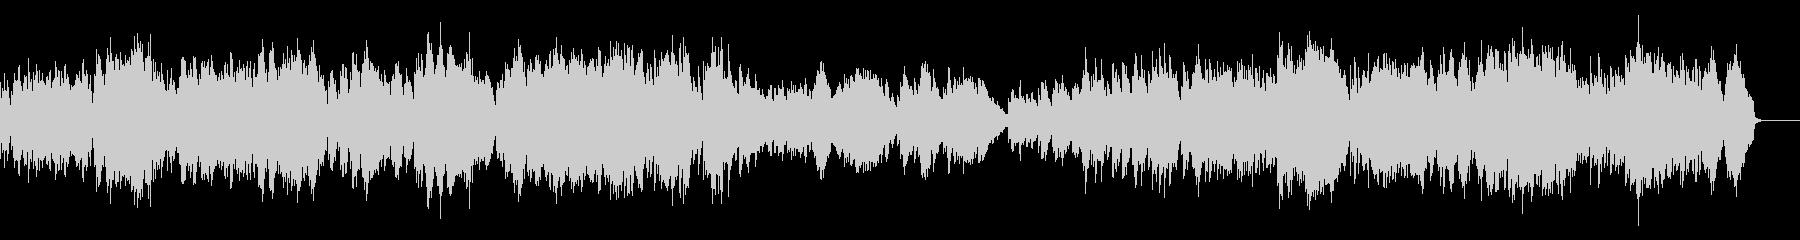 ワルツ第8番 Op.64-3/ショパンの未再生の波形